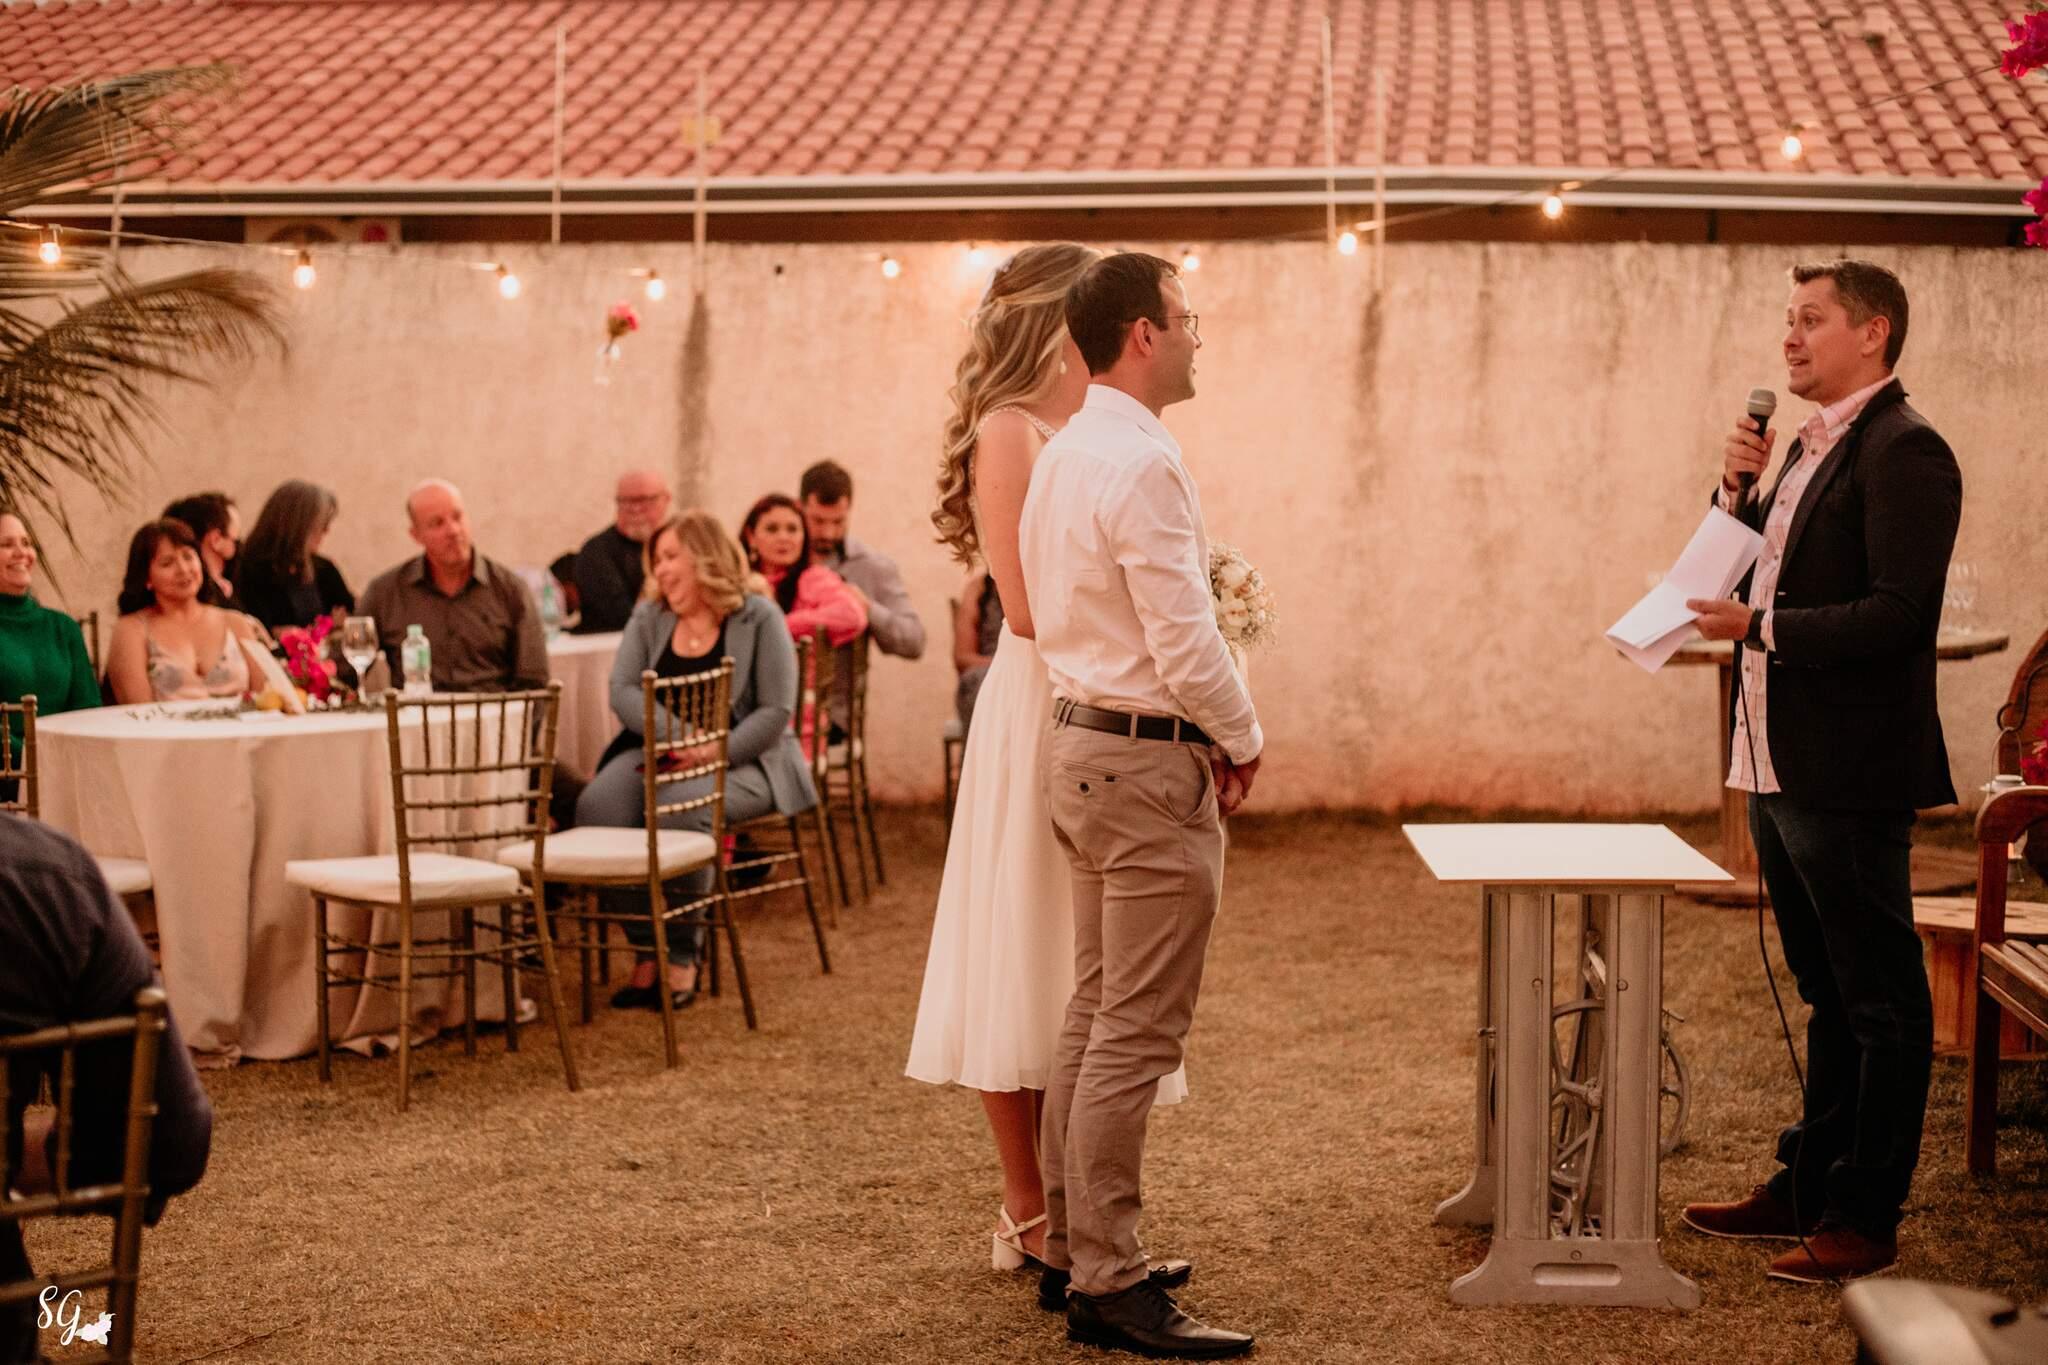 Casamento foi realizado no quintal de casa e casal fez de tudo para não perder o charme. (Foto: Stephanie Gomes Fotografia)